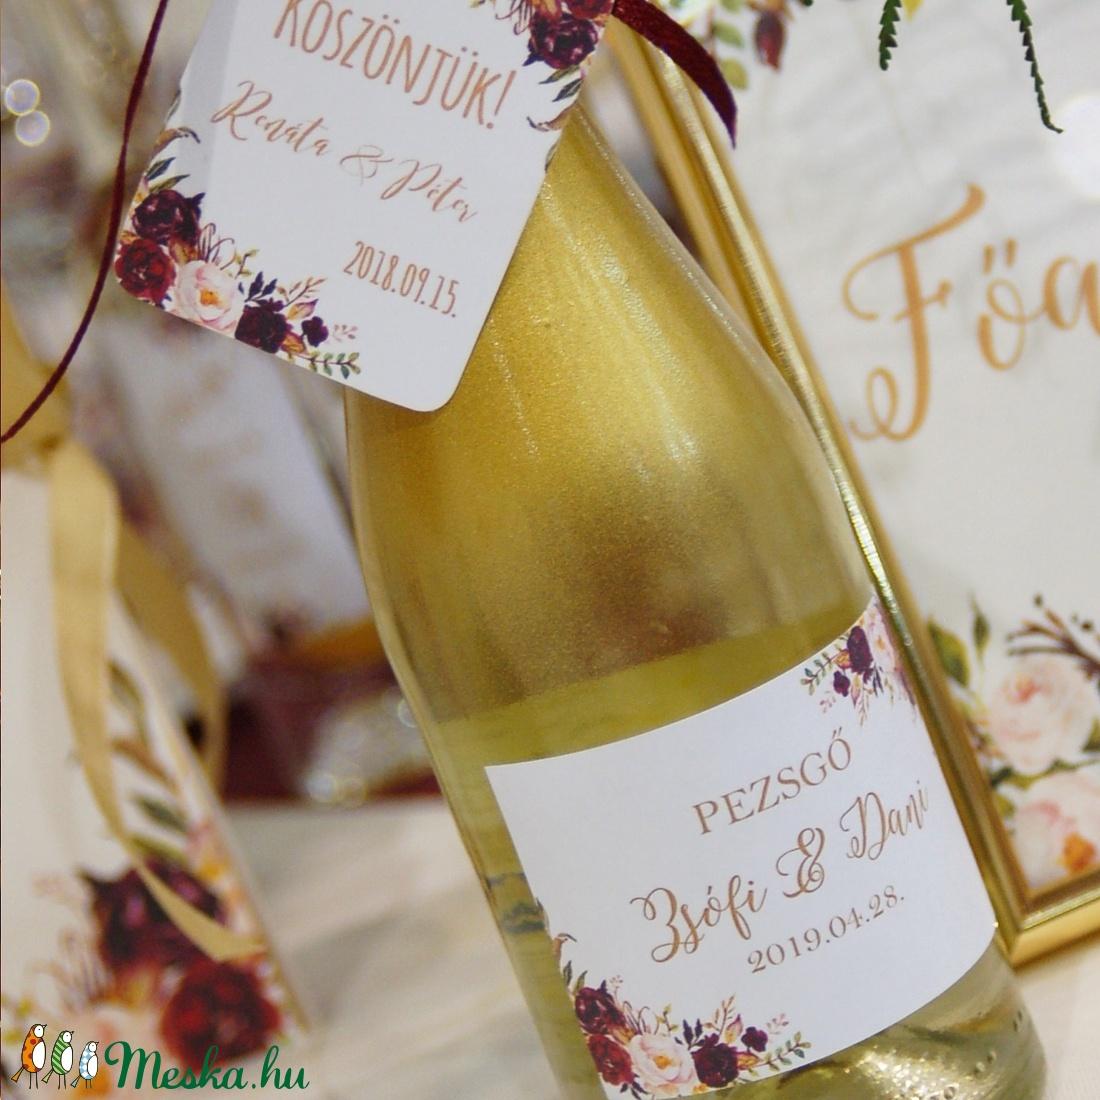 Matrica, pálinkás matrica, dzsem, jam, pálinka, bor, borosmatrica, felirat, Esküvői dekor, köszönet ajándék - esküvő - emlék & ajándék - köszönőajándék - Meska.hu